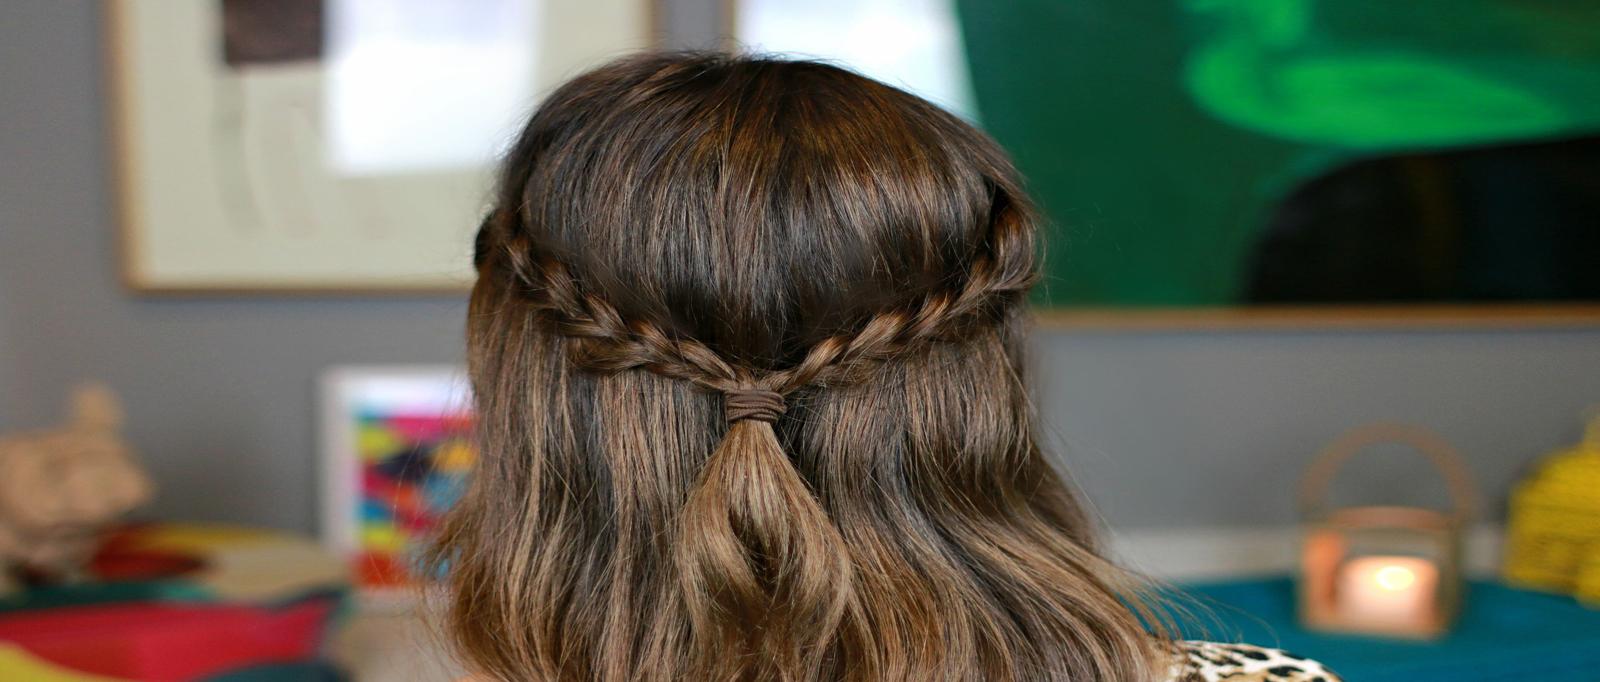 Penteados: Saiba como usar os mais variados tipos de tranças